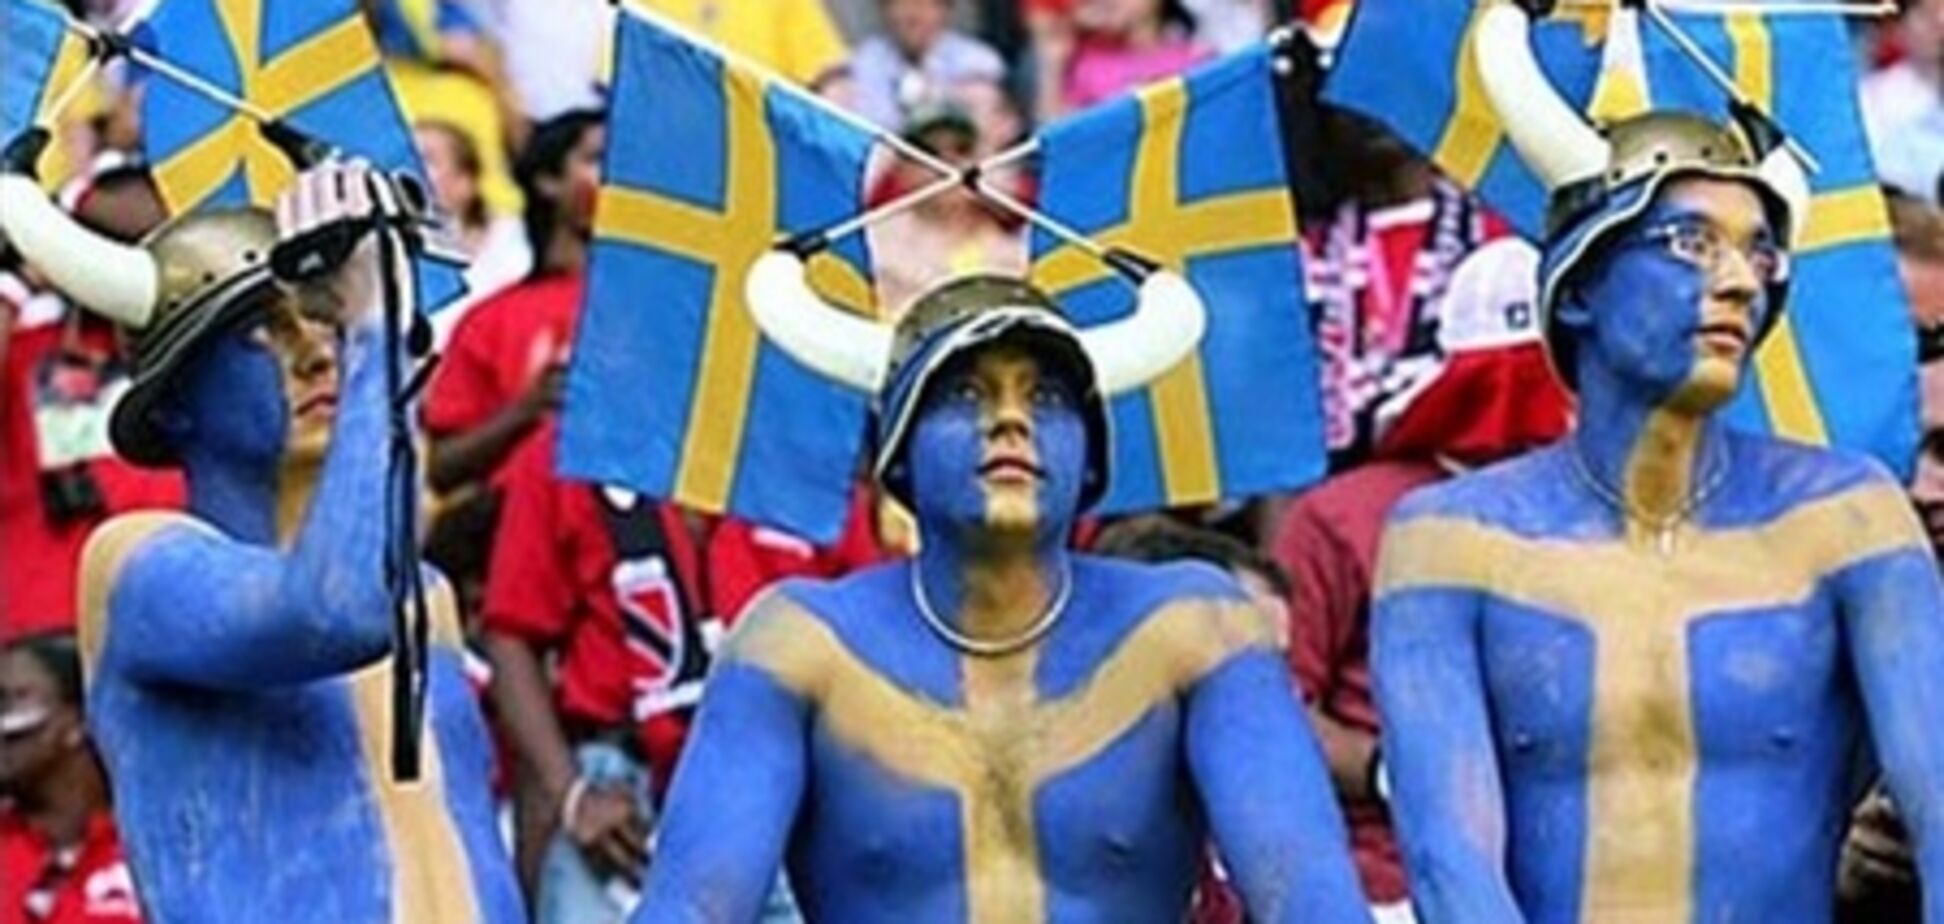 Швеція - Південна Корея - 1-0: онлайн-трансляція матчу ЧС-2018